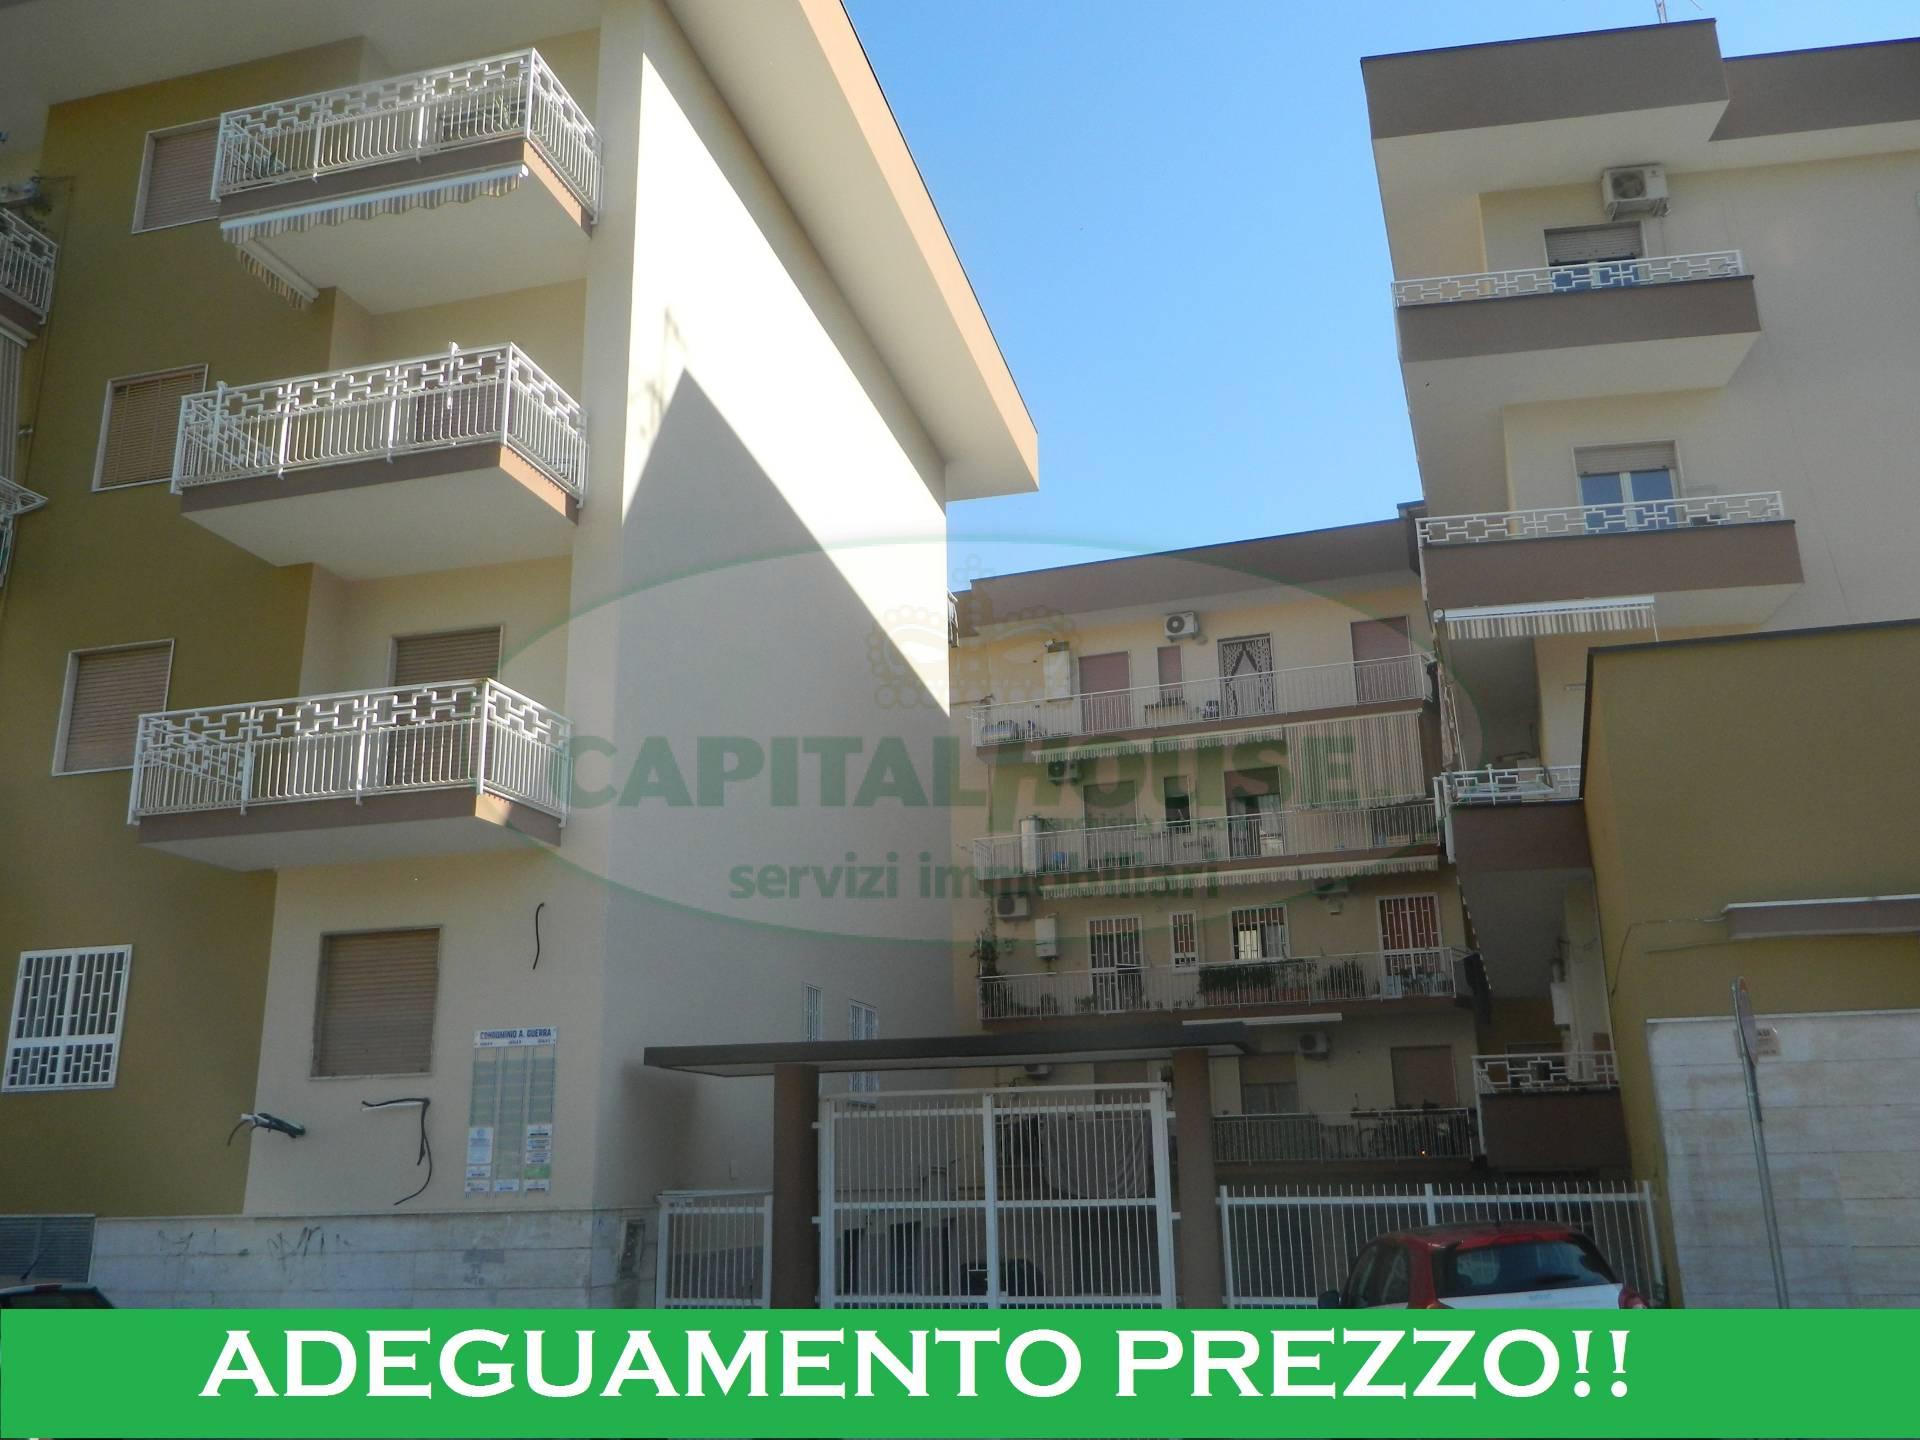 Appartamento in vendita a Afragola, 4 locali, zona Località: ViaOberdan, prezzo € 165.000 | CambioCasa.it